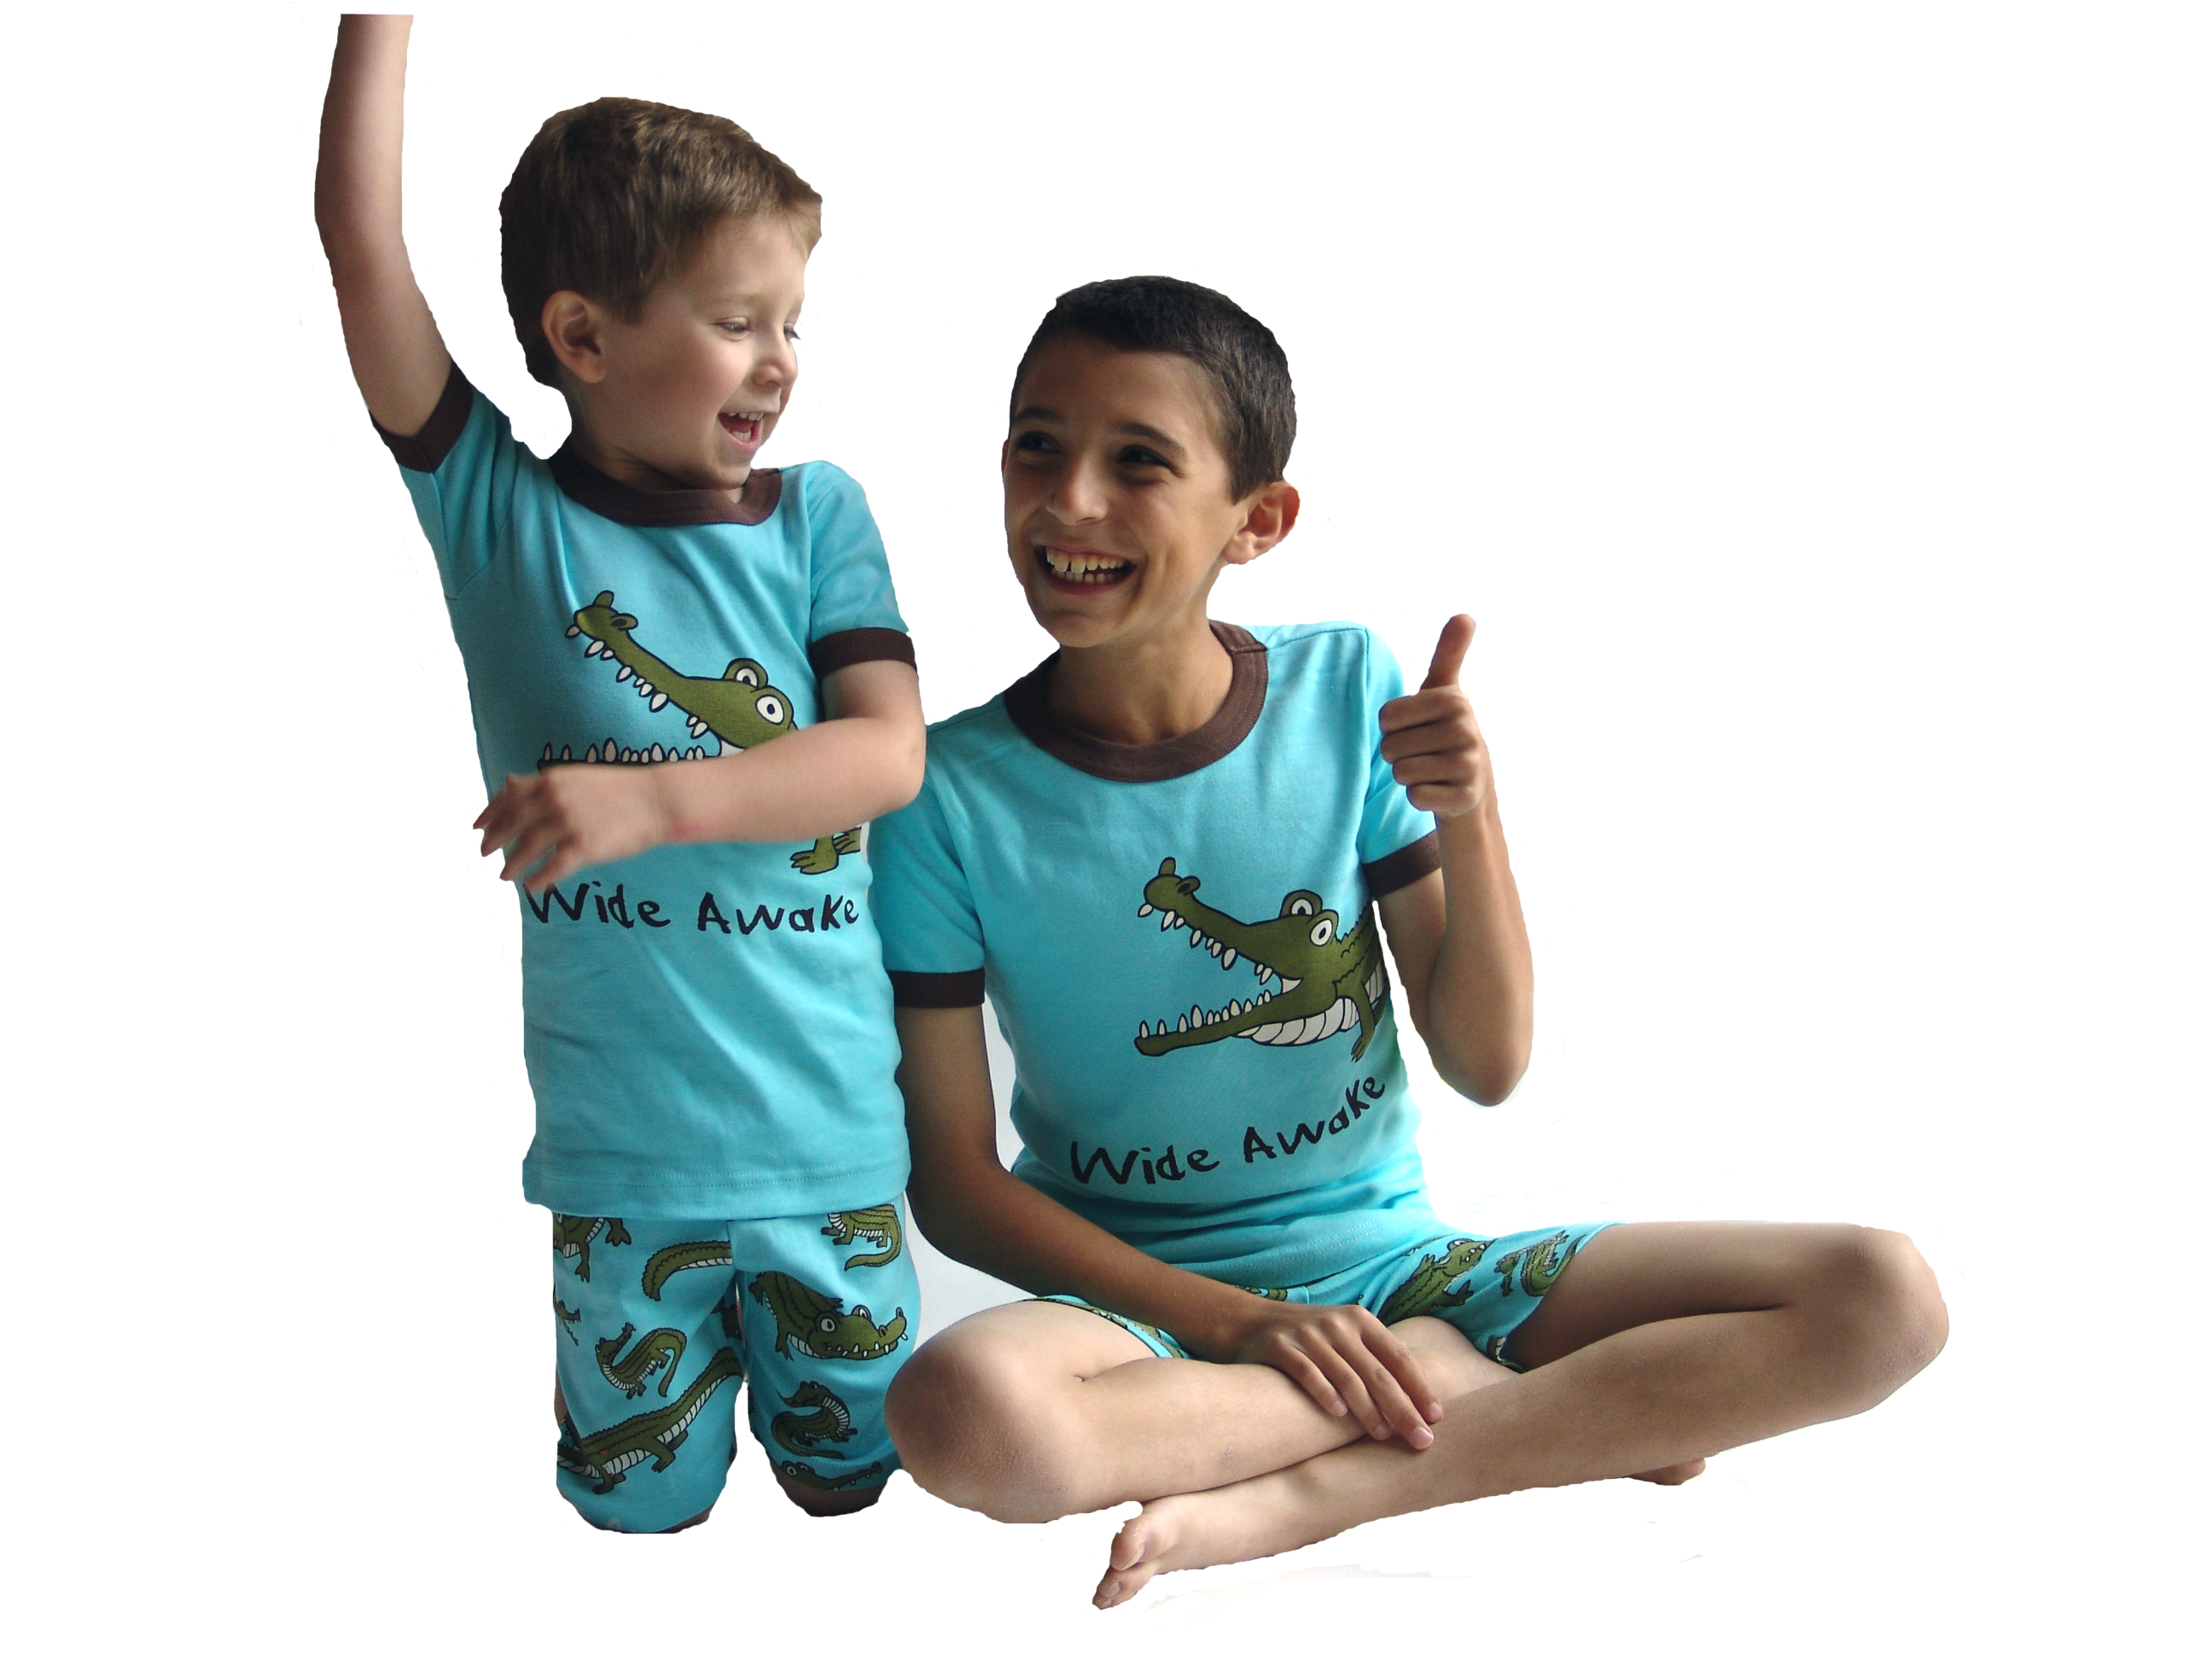 c1856a3c556b lazyone pajama sale